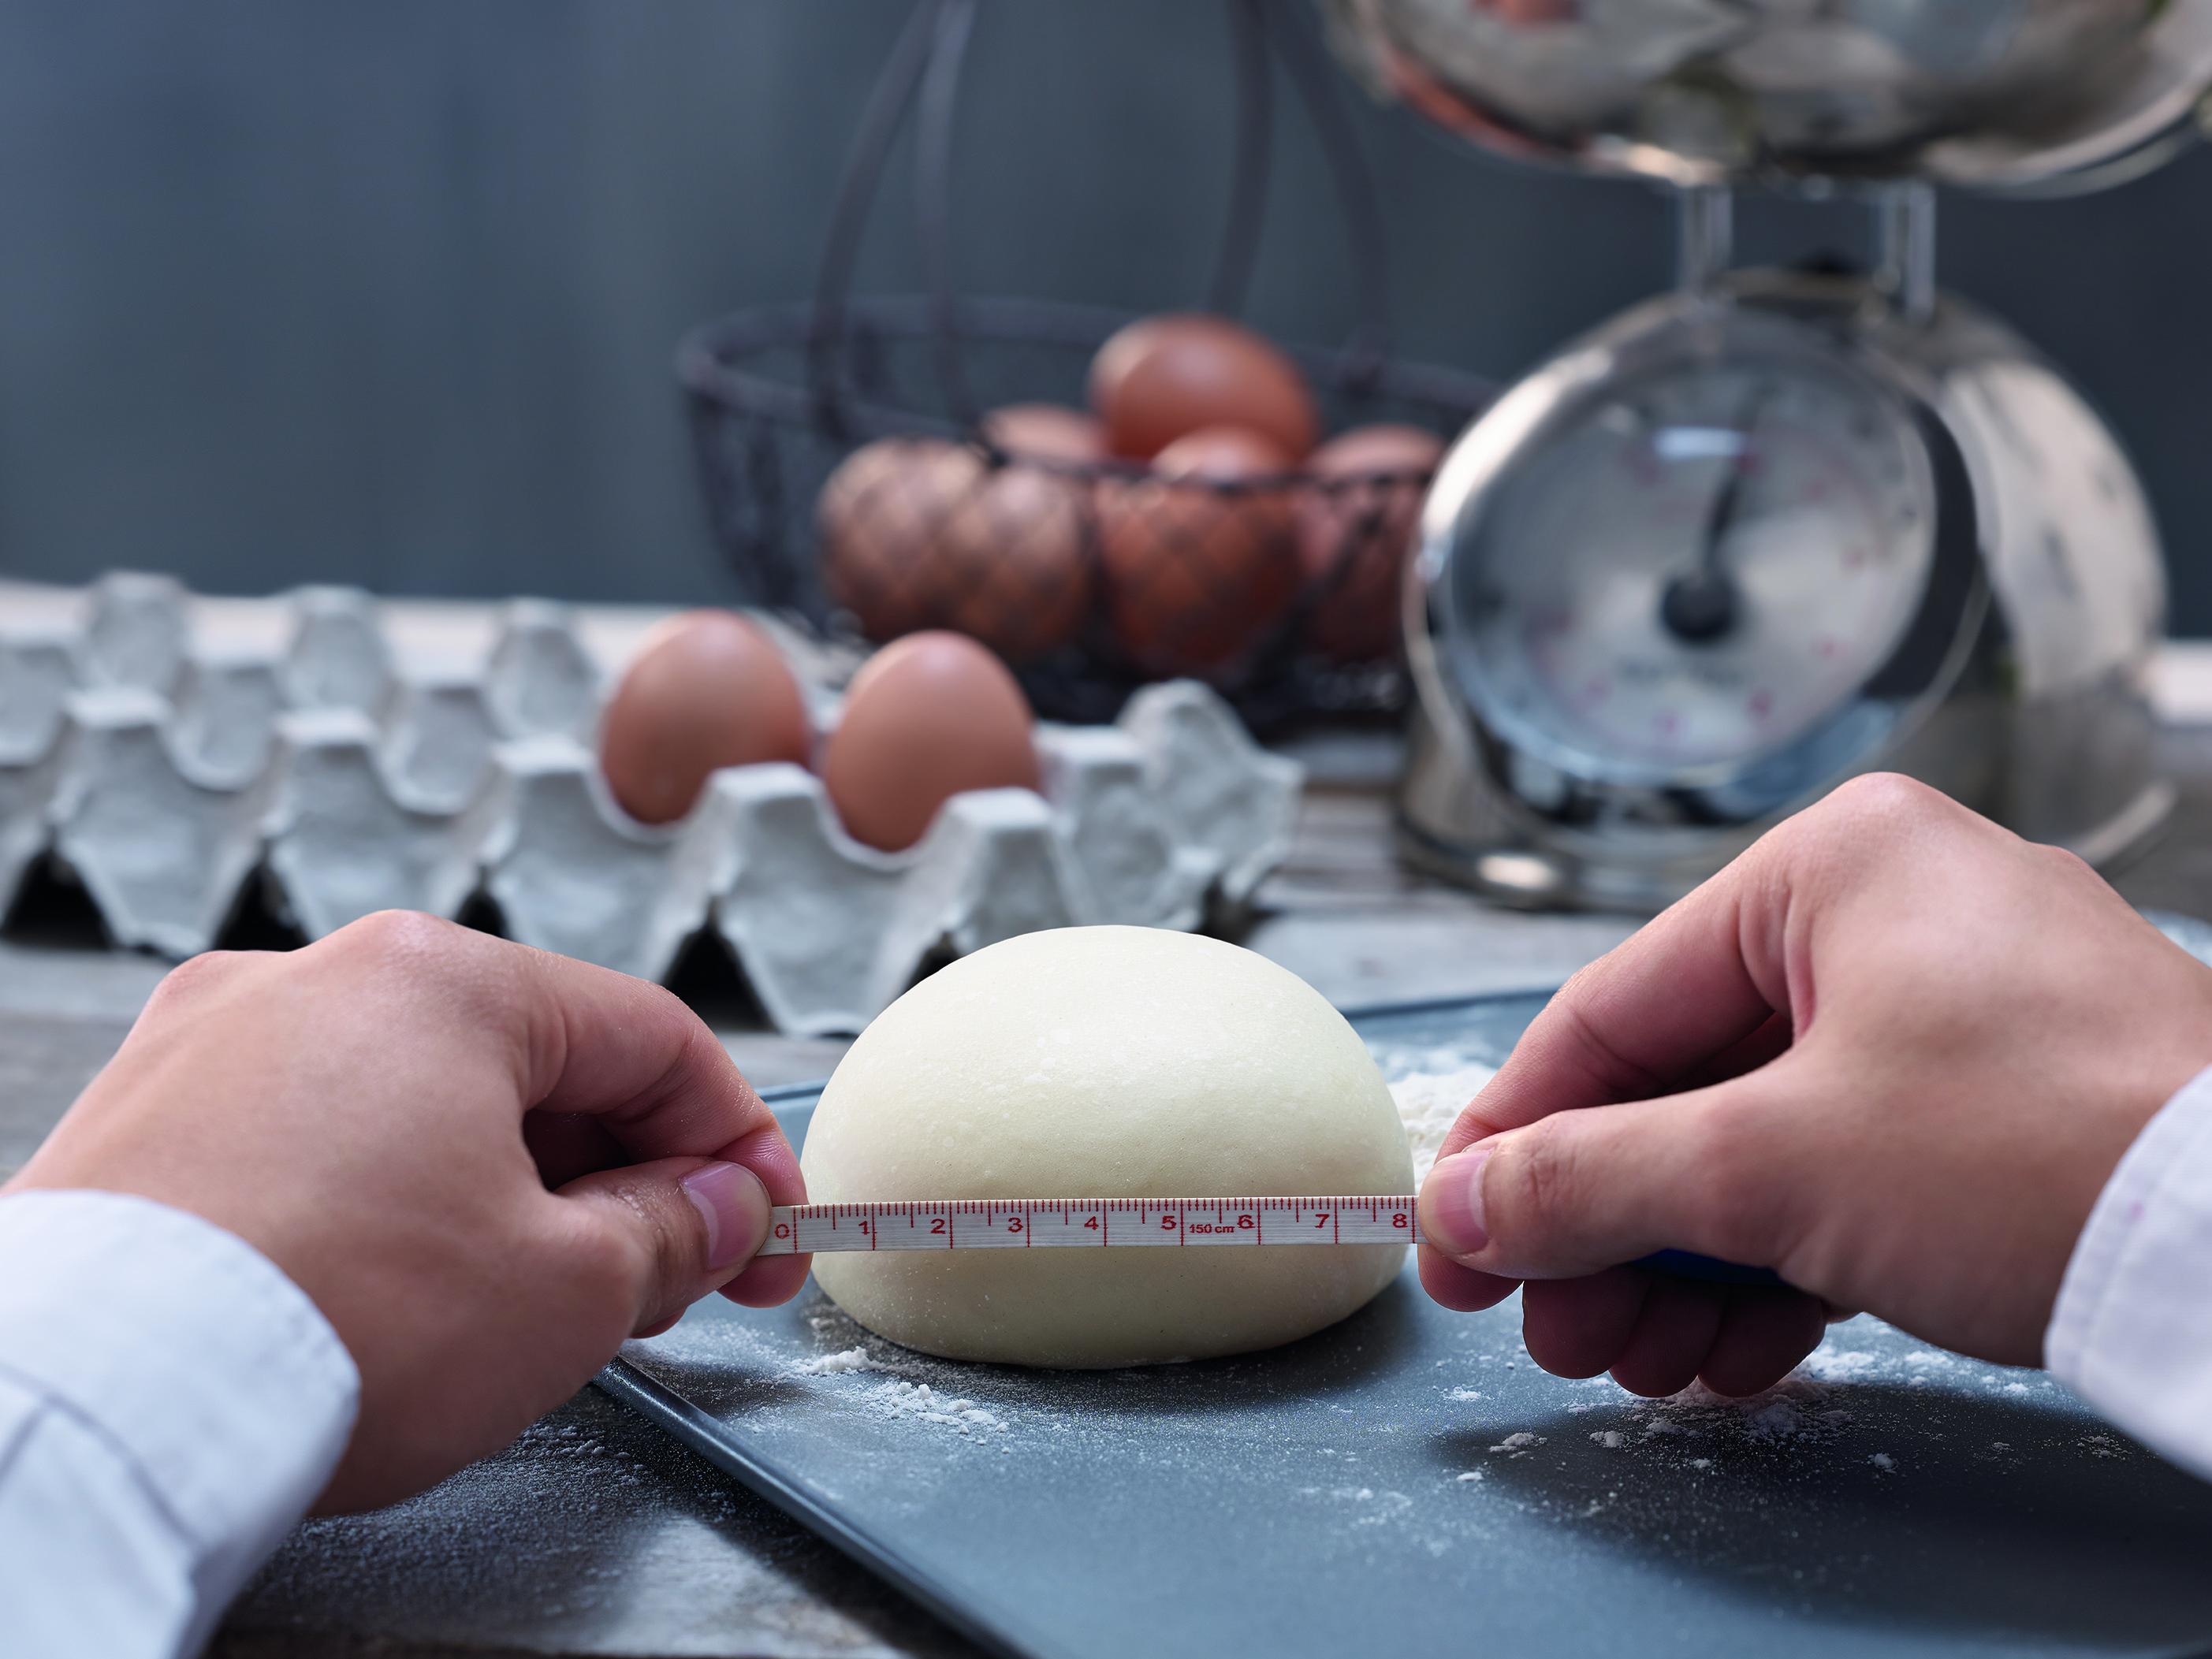 烘焙面包店加盟,烘焙+饮品是不错创意